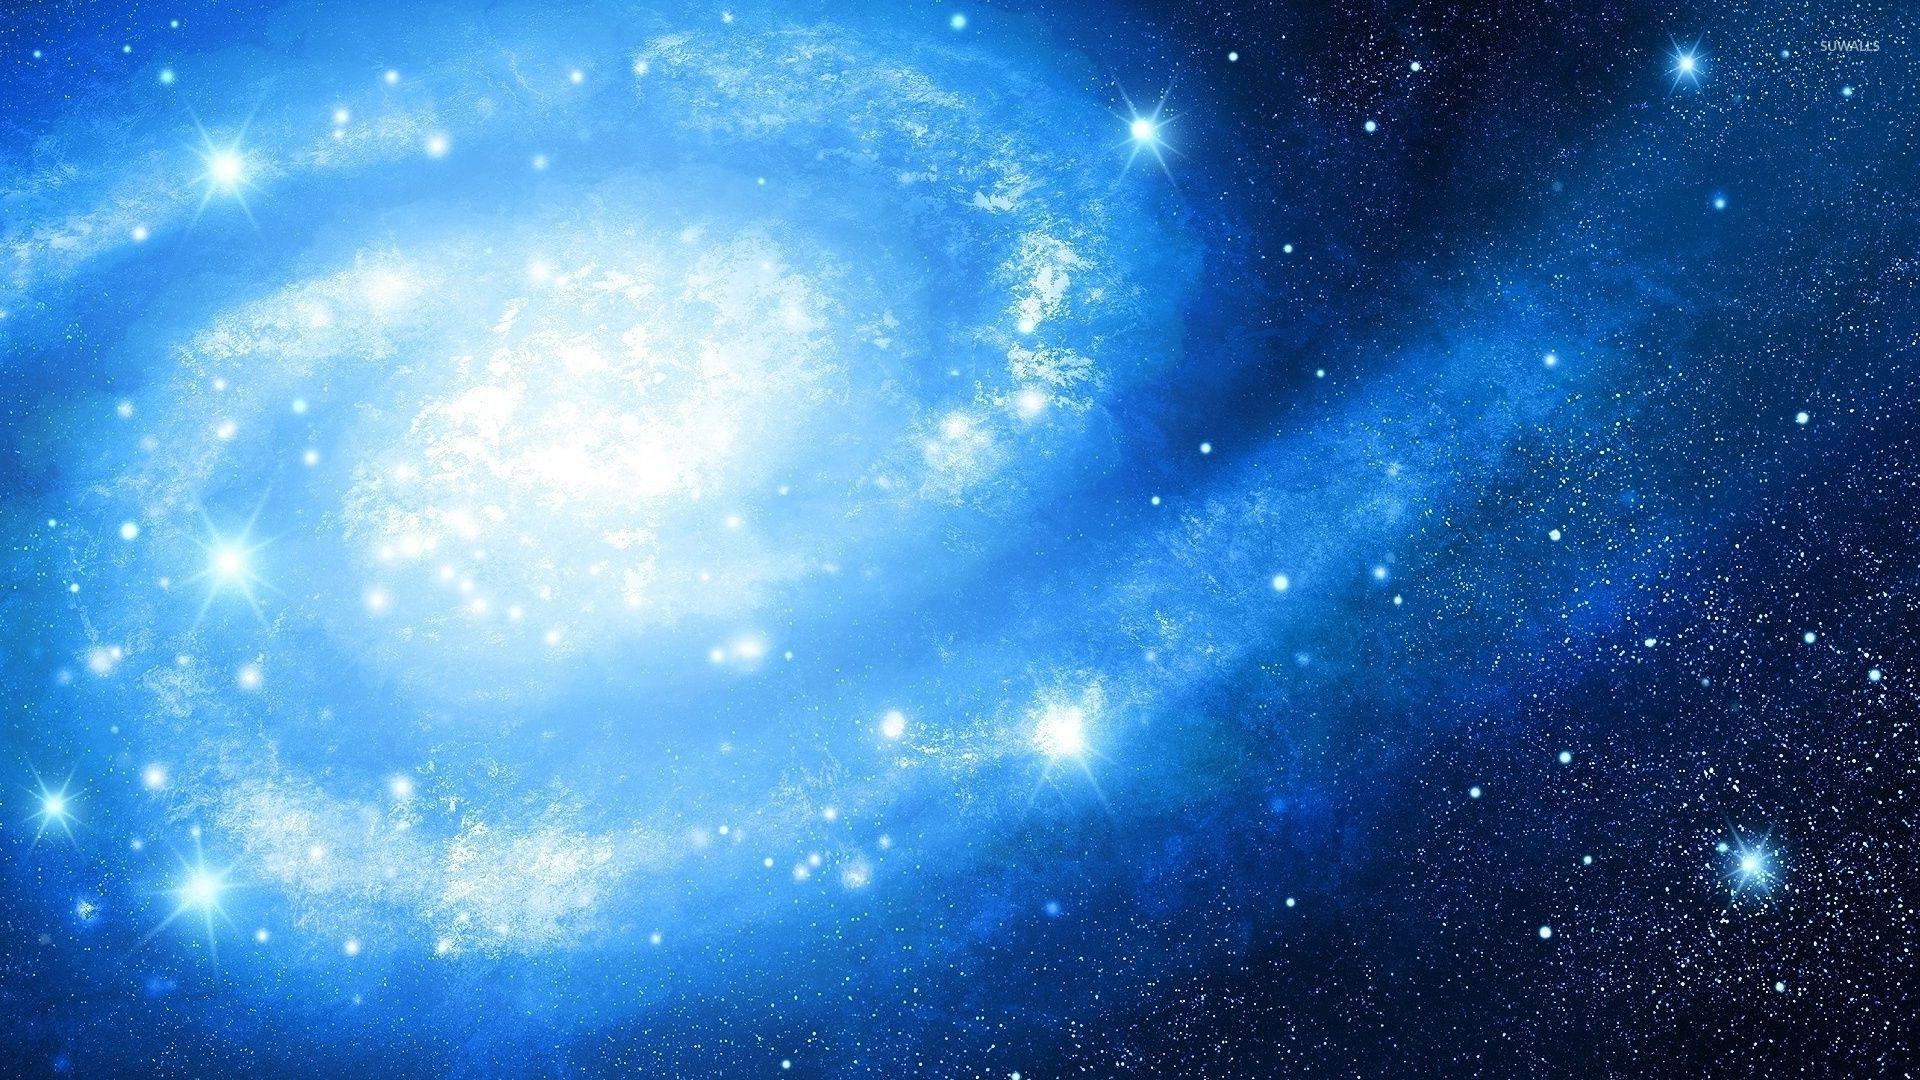 Galaxy Beautiful Blue Galaxy Wallpaper Space Wallpapers 48592 Galaxy Wallpaper Blue Galaxy Wallpaper Iphone Wallpaper Nebula